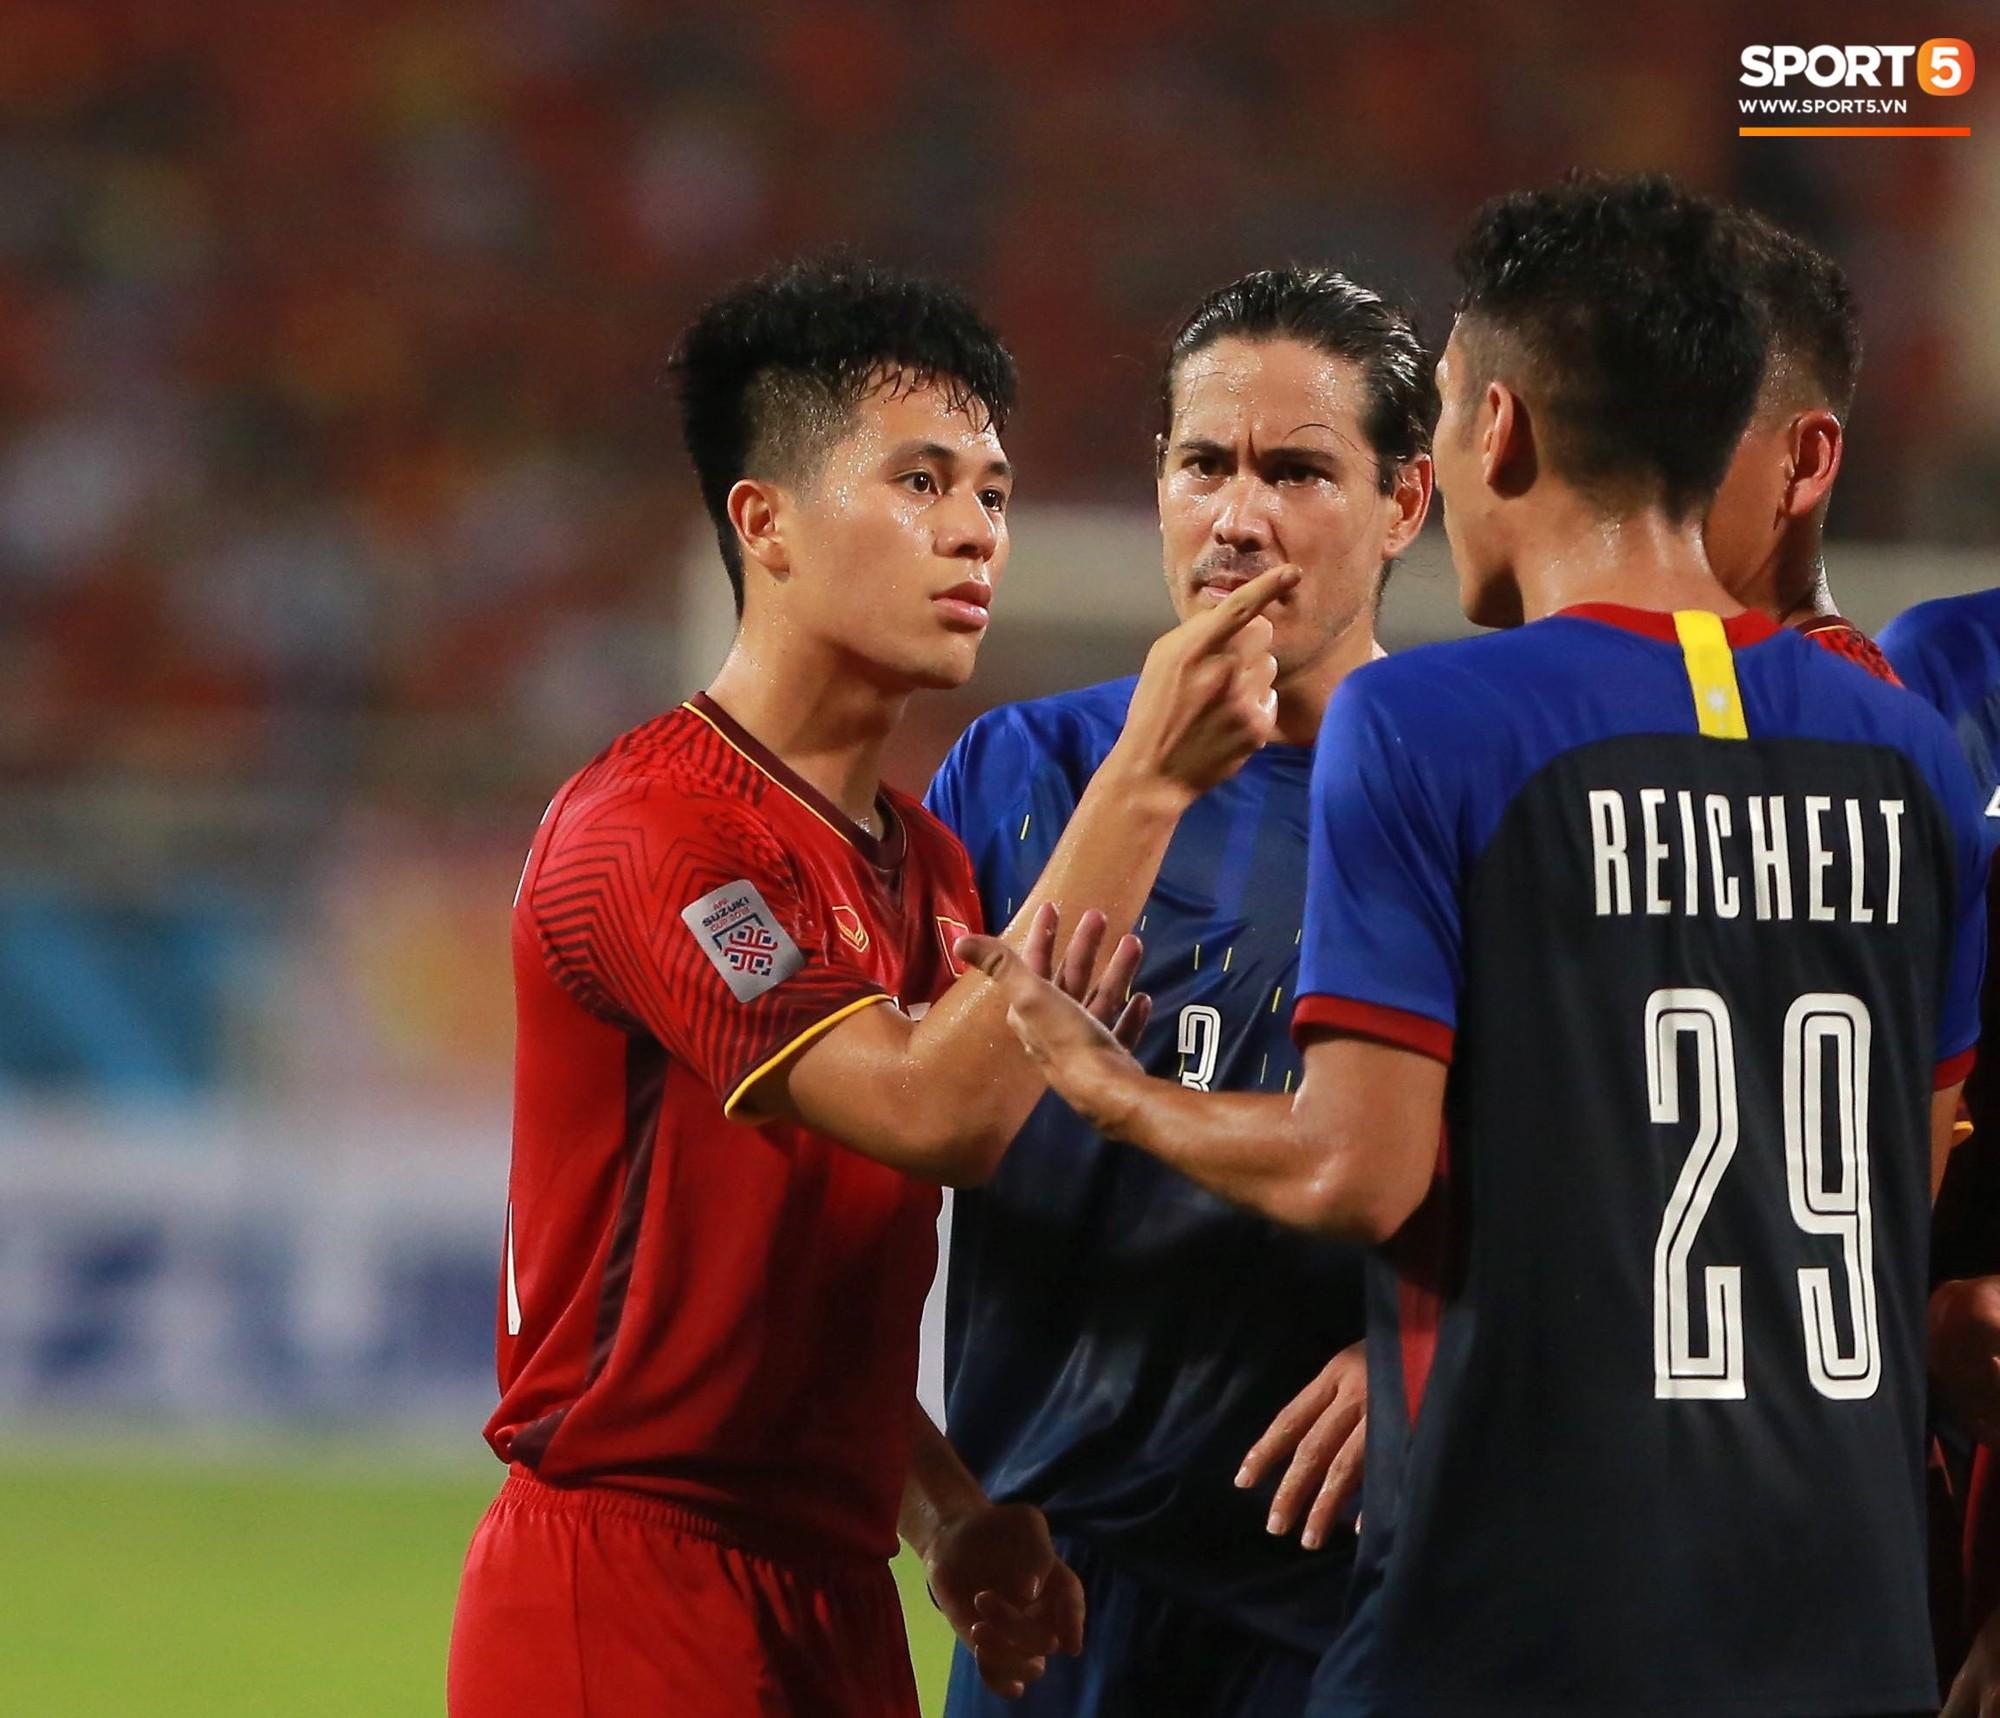 AFF Cup 2018 đã kết thúc, Việt Nam đã chiến thắng, và 10 khoảnh khắc đẹp nhất sẽ mãi lưu trong lòng người Việt-6